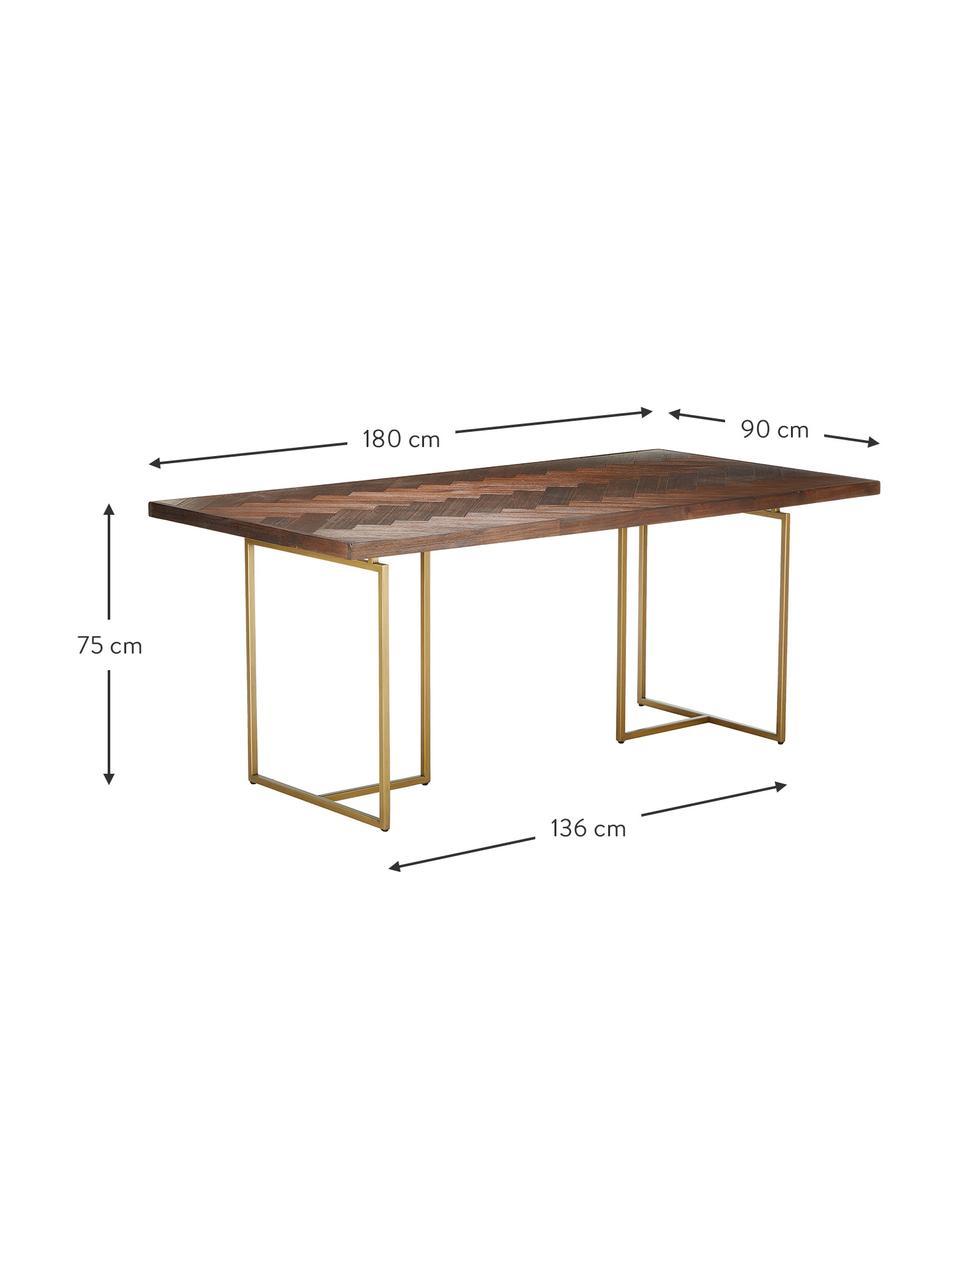 Stół do jadalni w jodełkę z litego drewna Class, Blat: płyta pilśniowa o średnie, Nogi: metal malowany proszkowo, Drewno akacjowe, odcienie mosiądzu, S 220 x G 90 cm